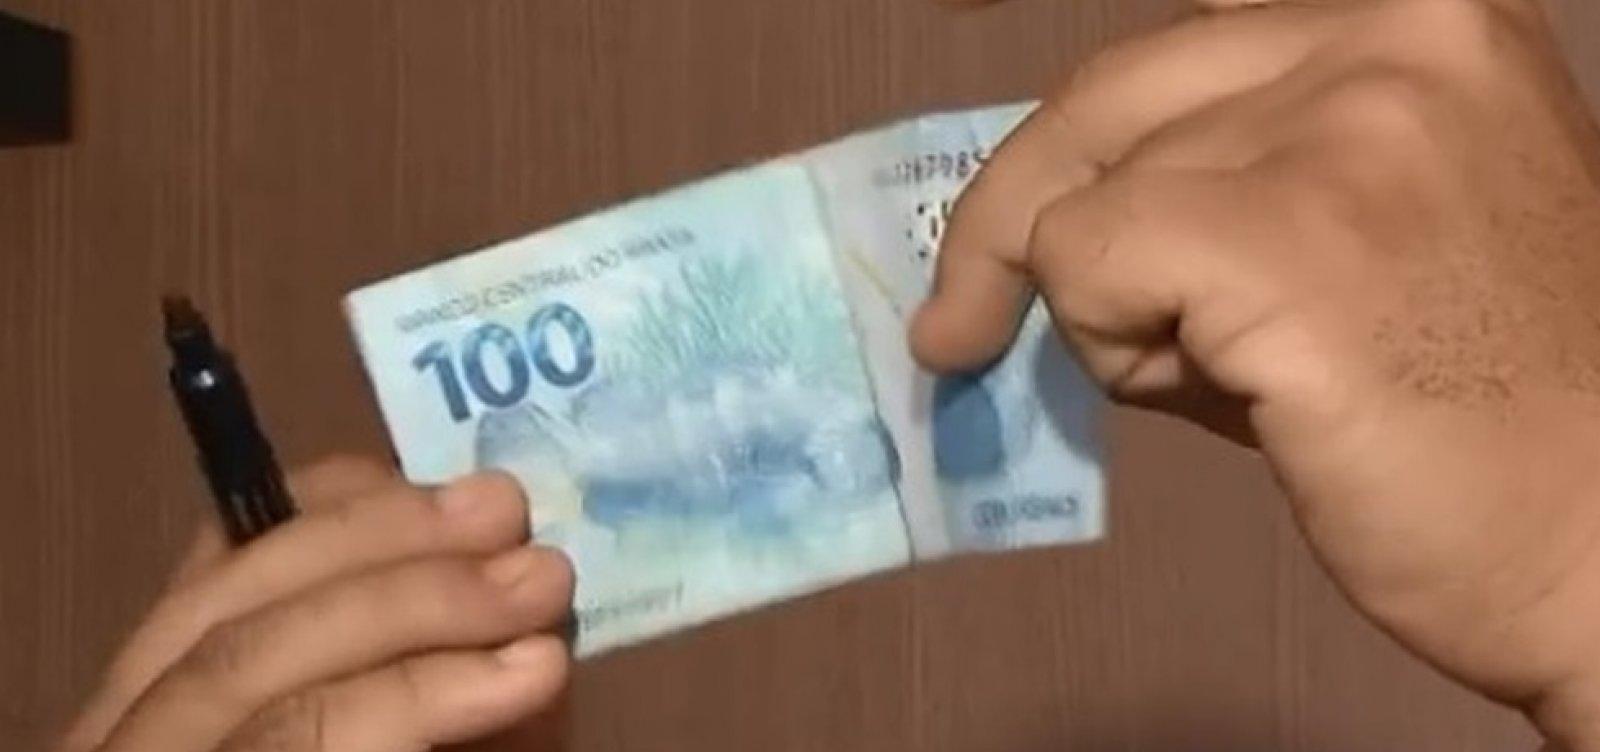 Criminosos usam dinheiro falso para fazer compras pela internet, na Bahia